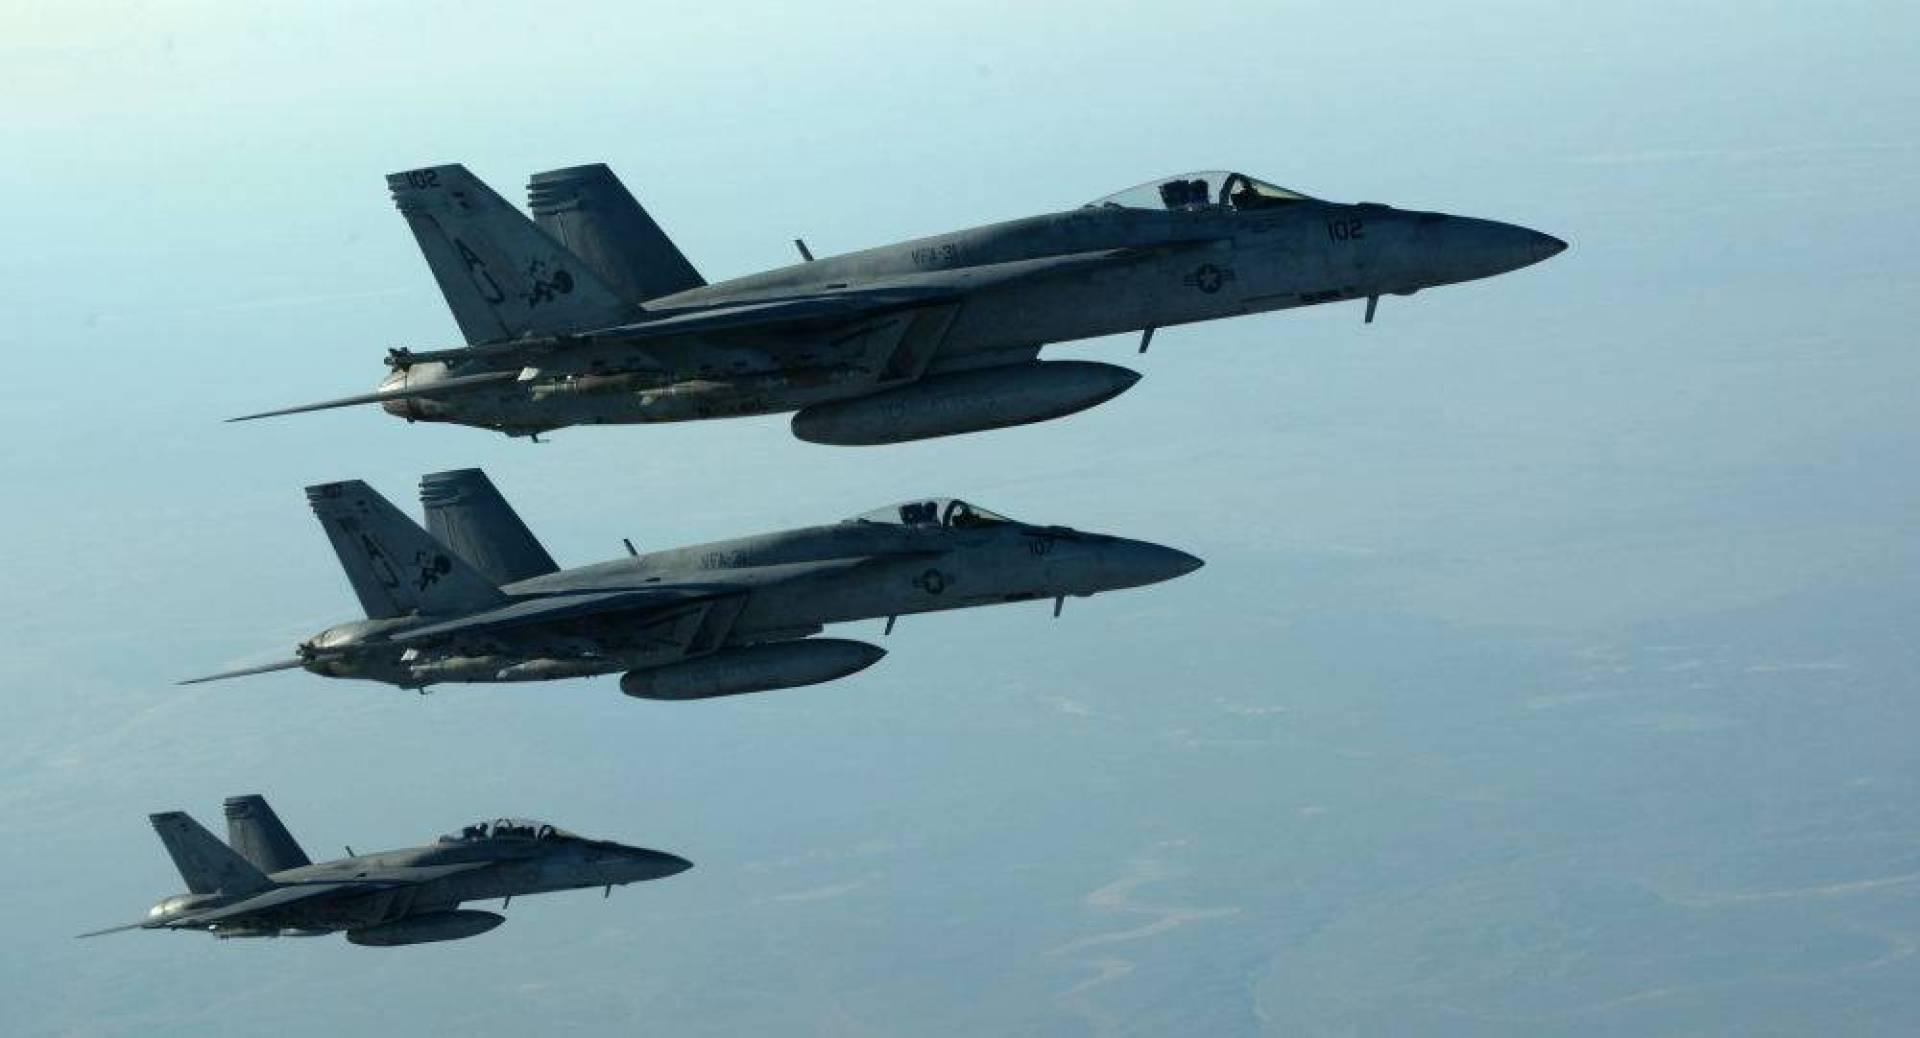 التحالف بقيادة أميركا ينفي تنفيذ أي غارات جوية على منطقة التاجي شمال بغداد